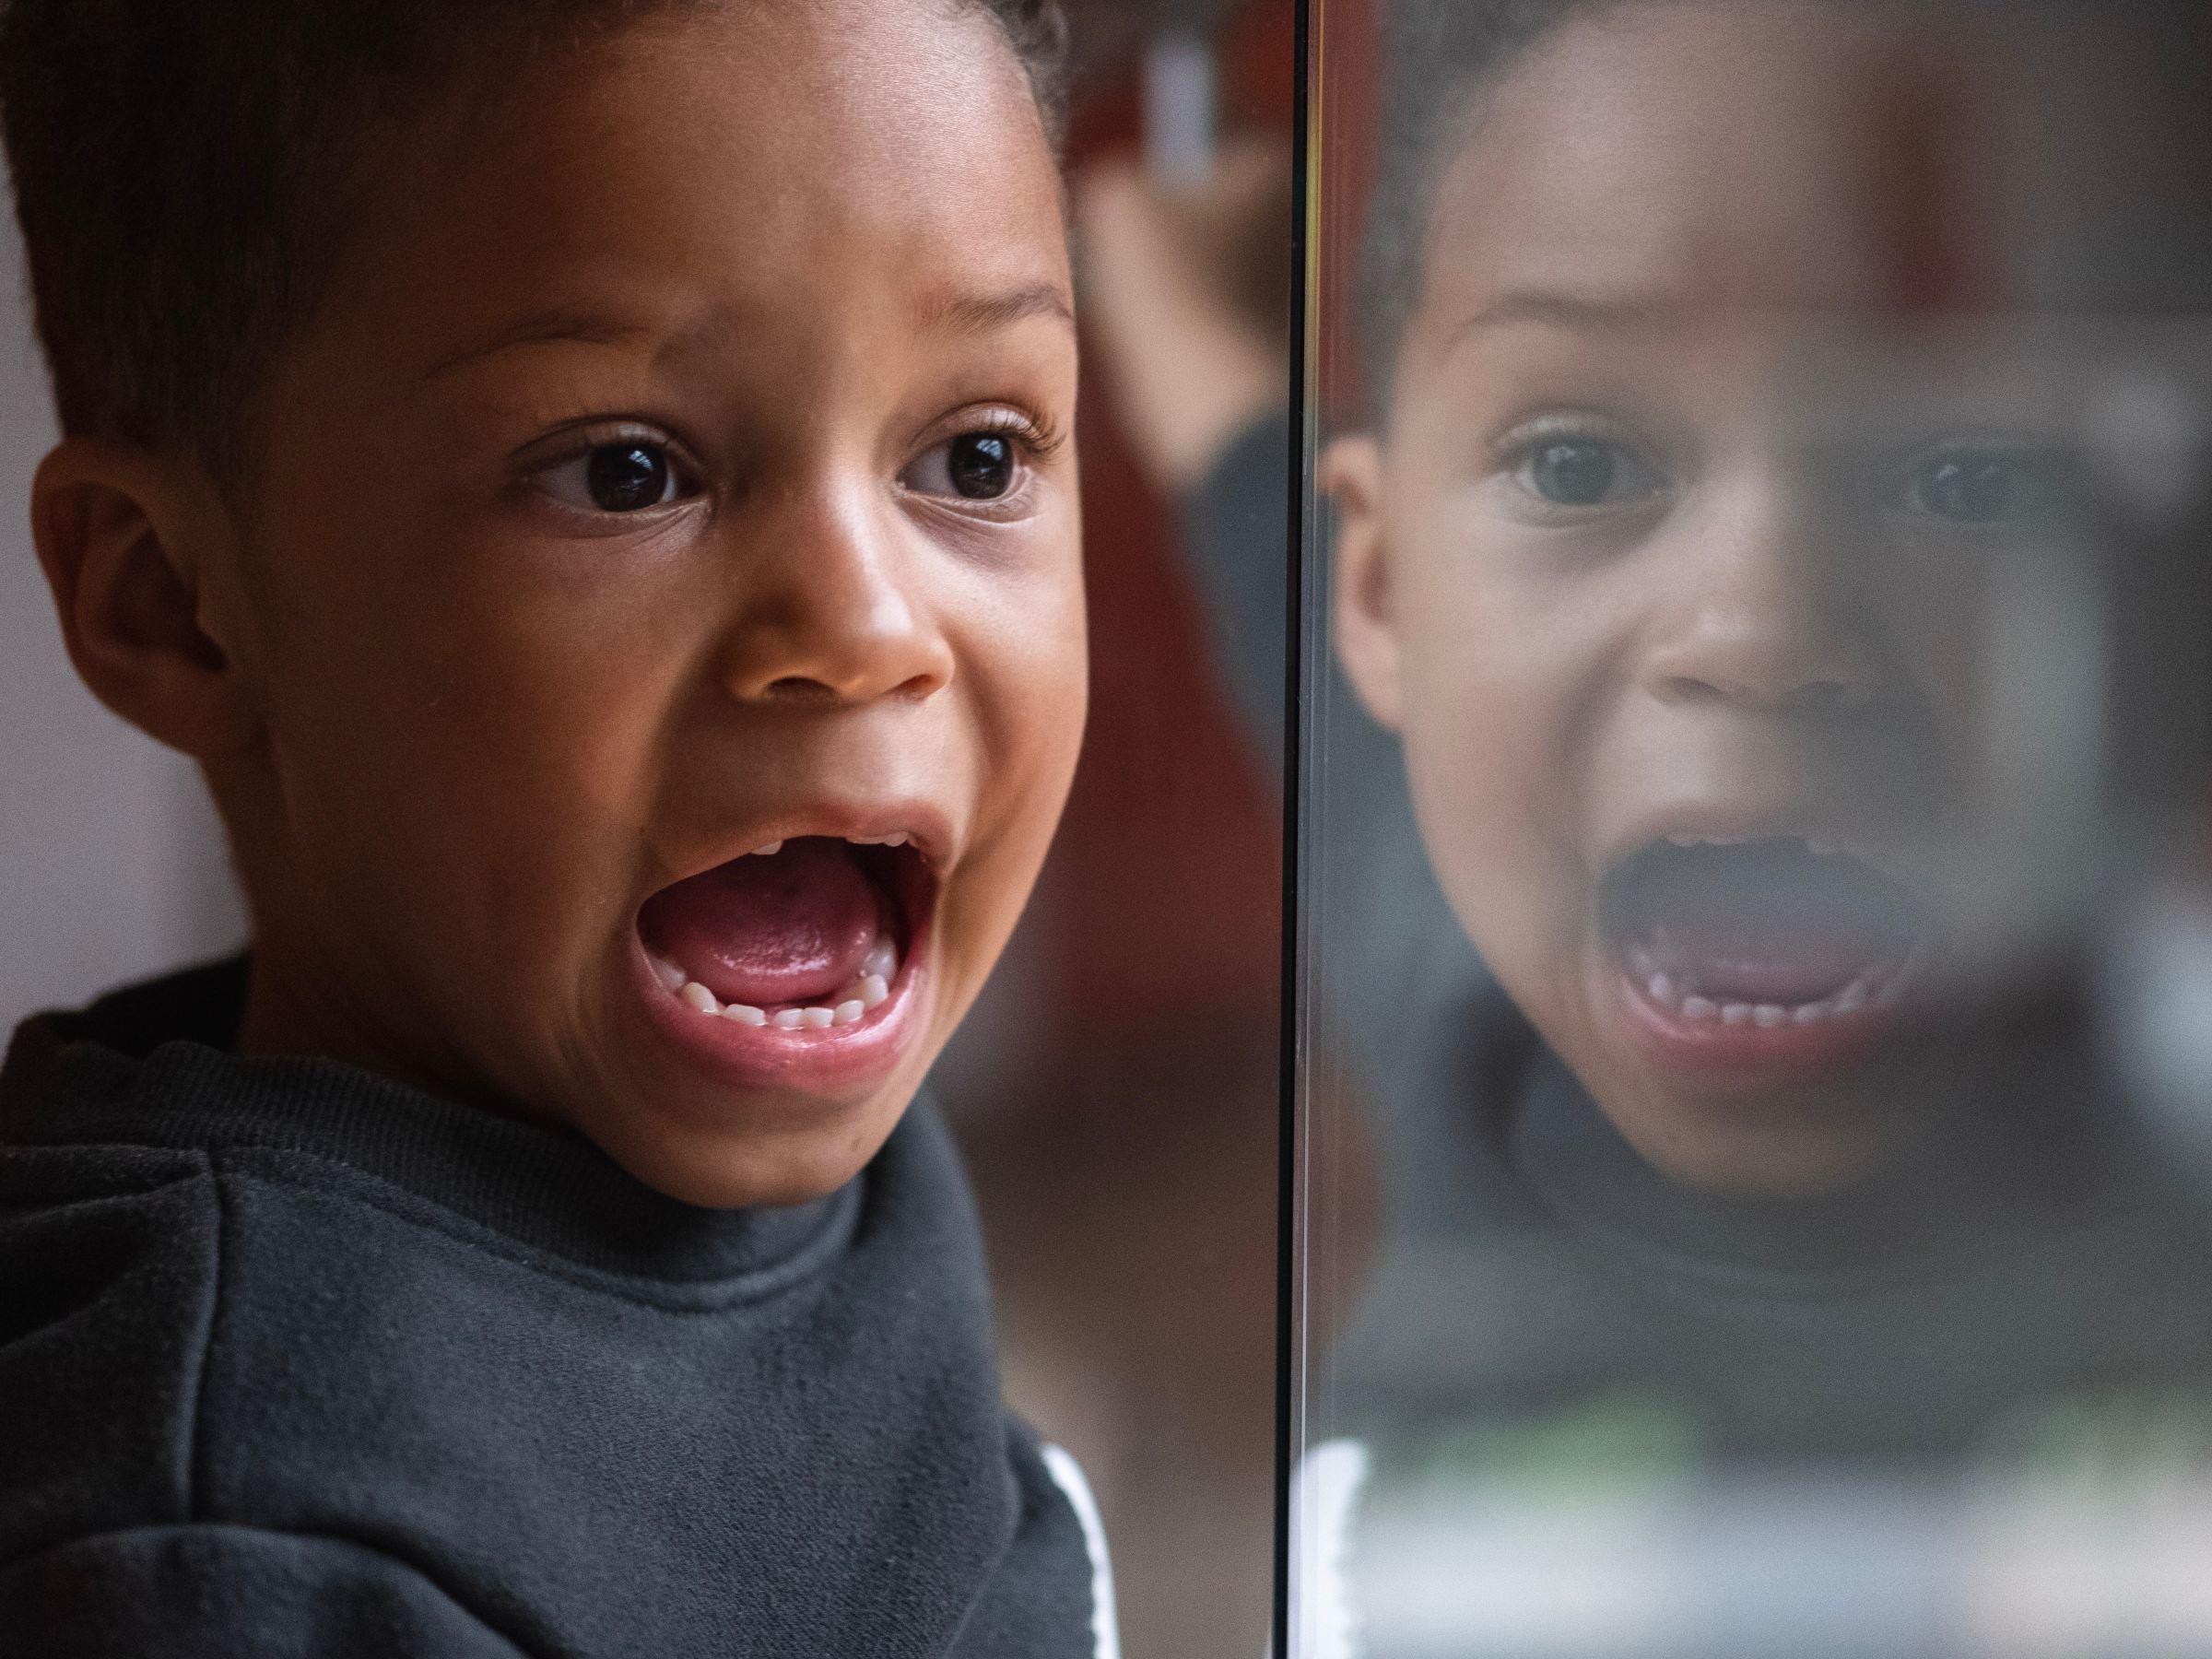 healthy teeth healthy children - Healthy Teeth…. Healthy Children